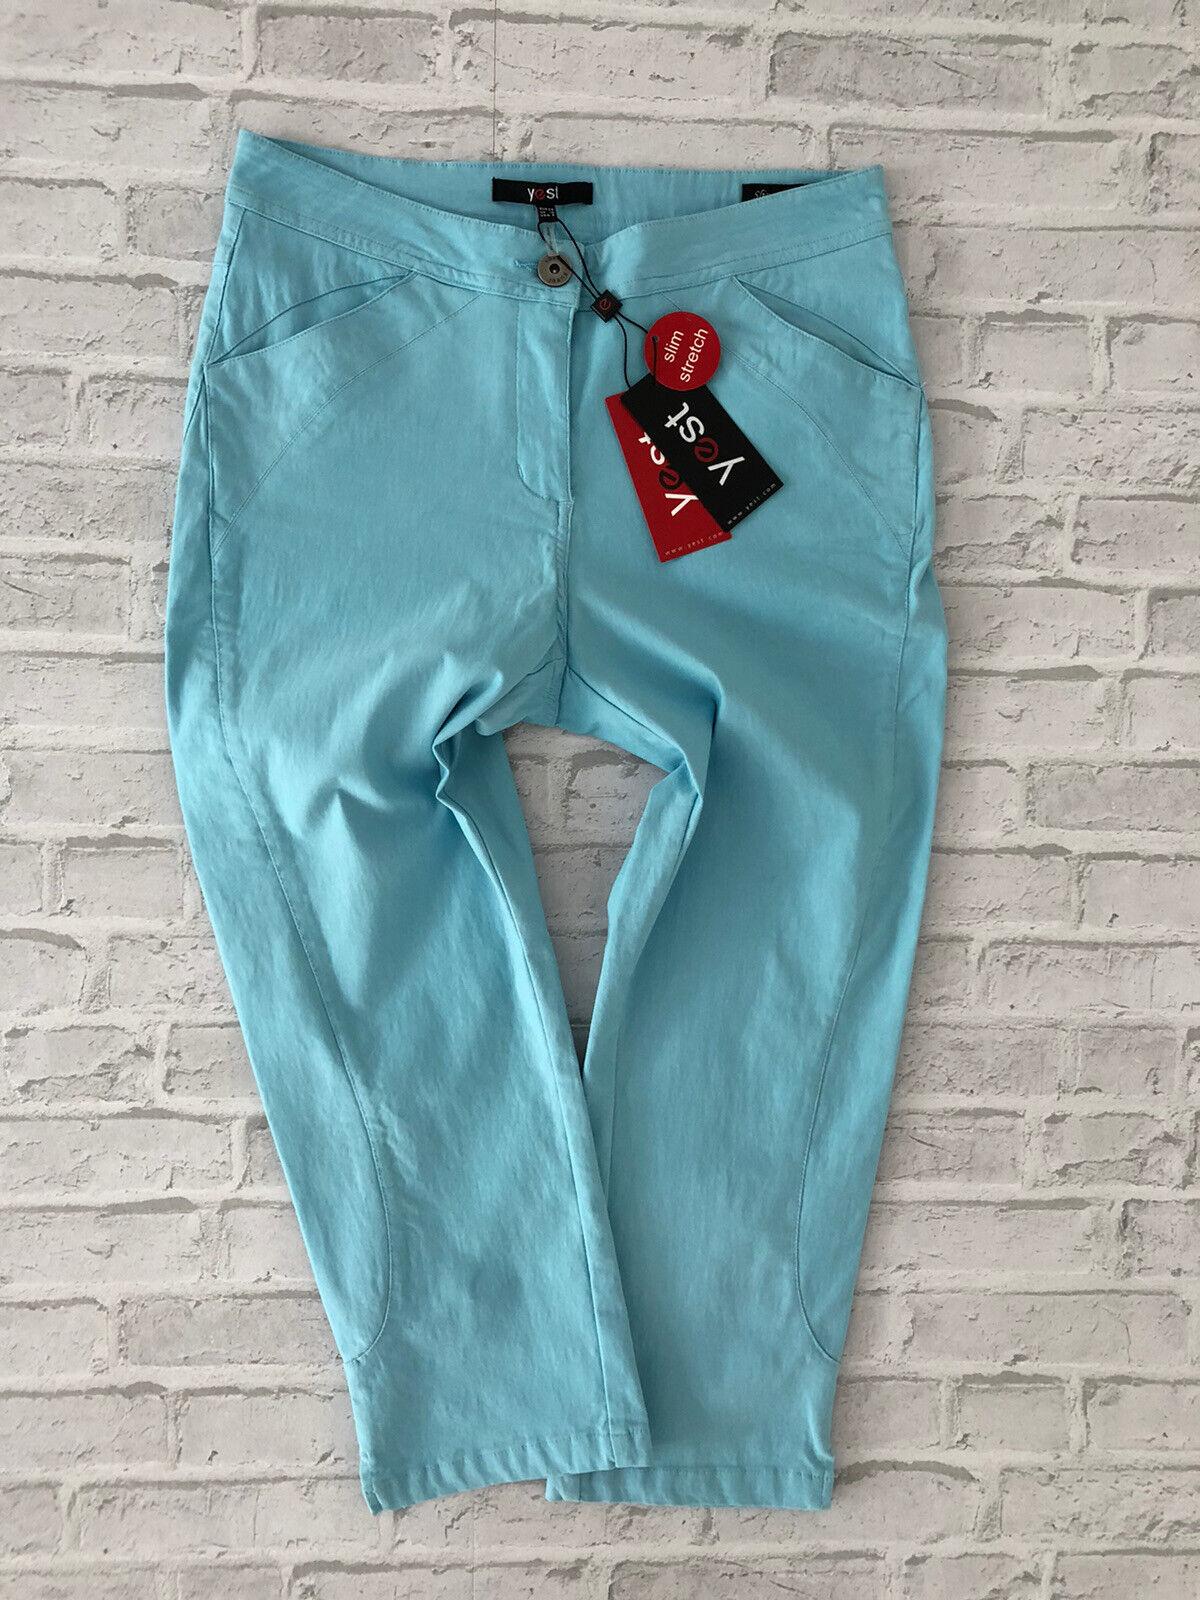 YEST Damen Shorts Capri Bermuda kurze Stoffhose blau slim stretch fit neu Gr. 38